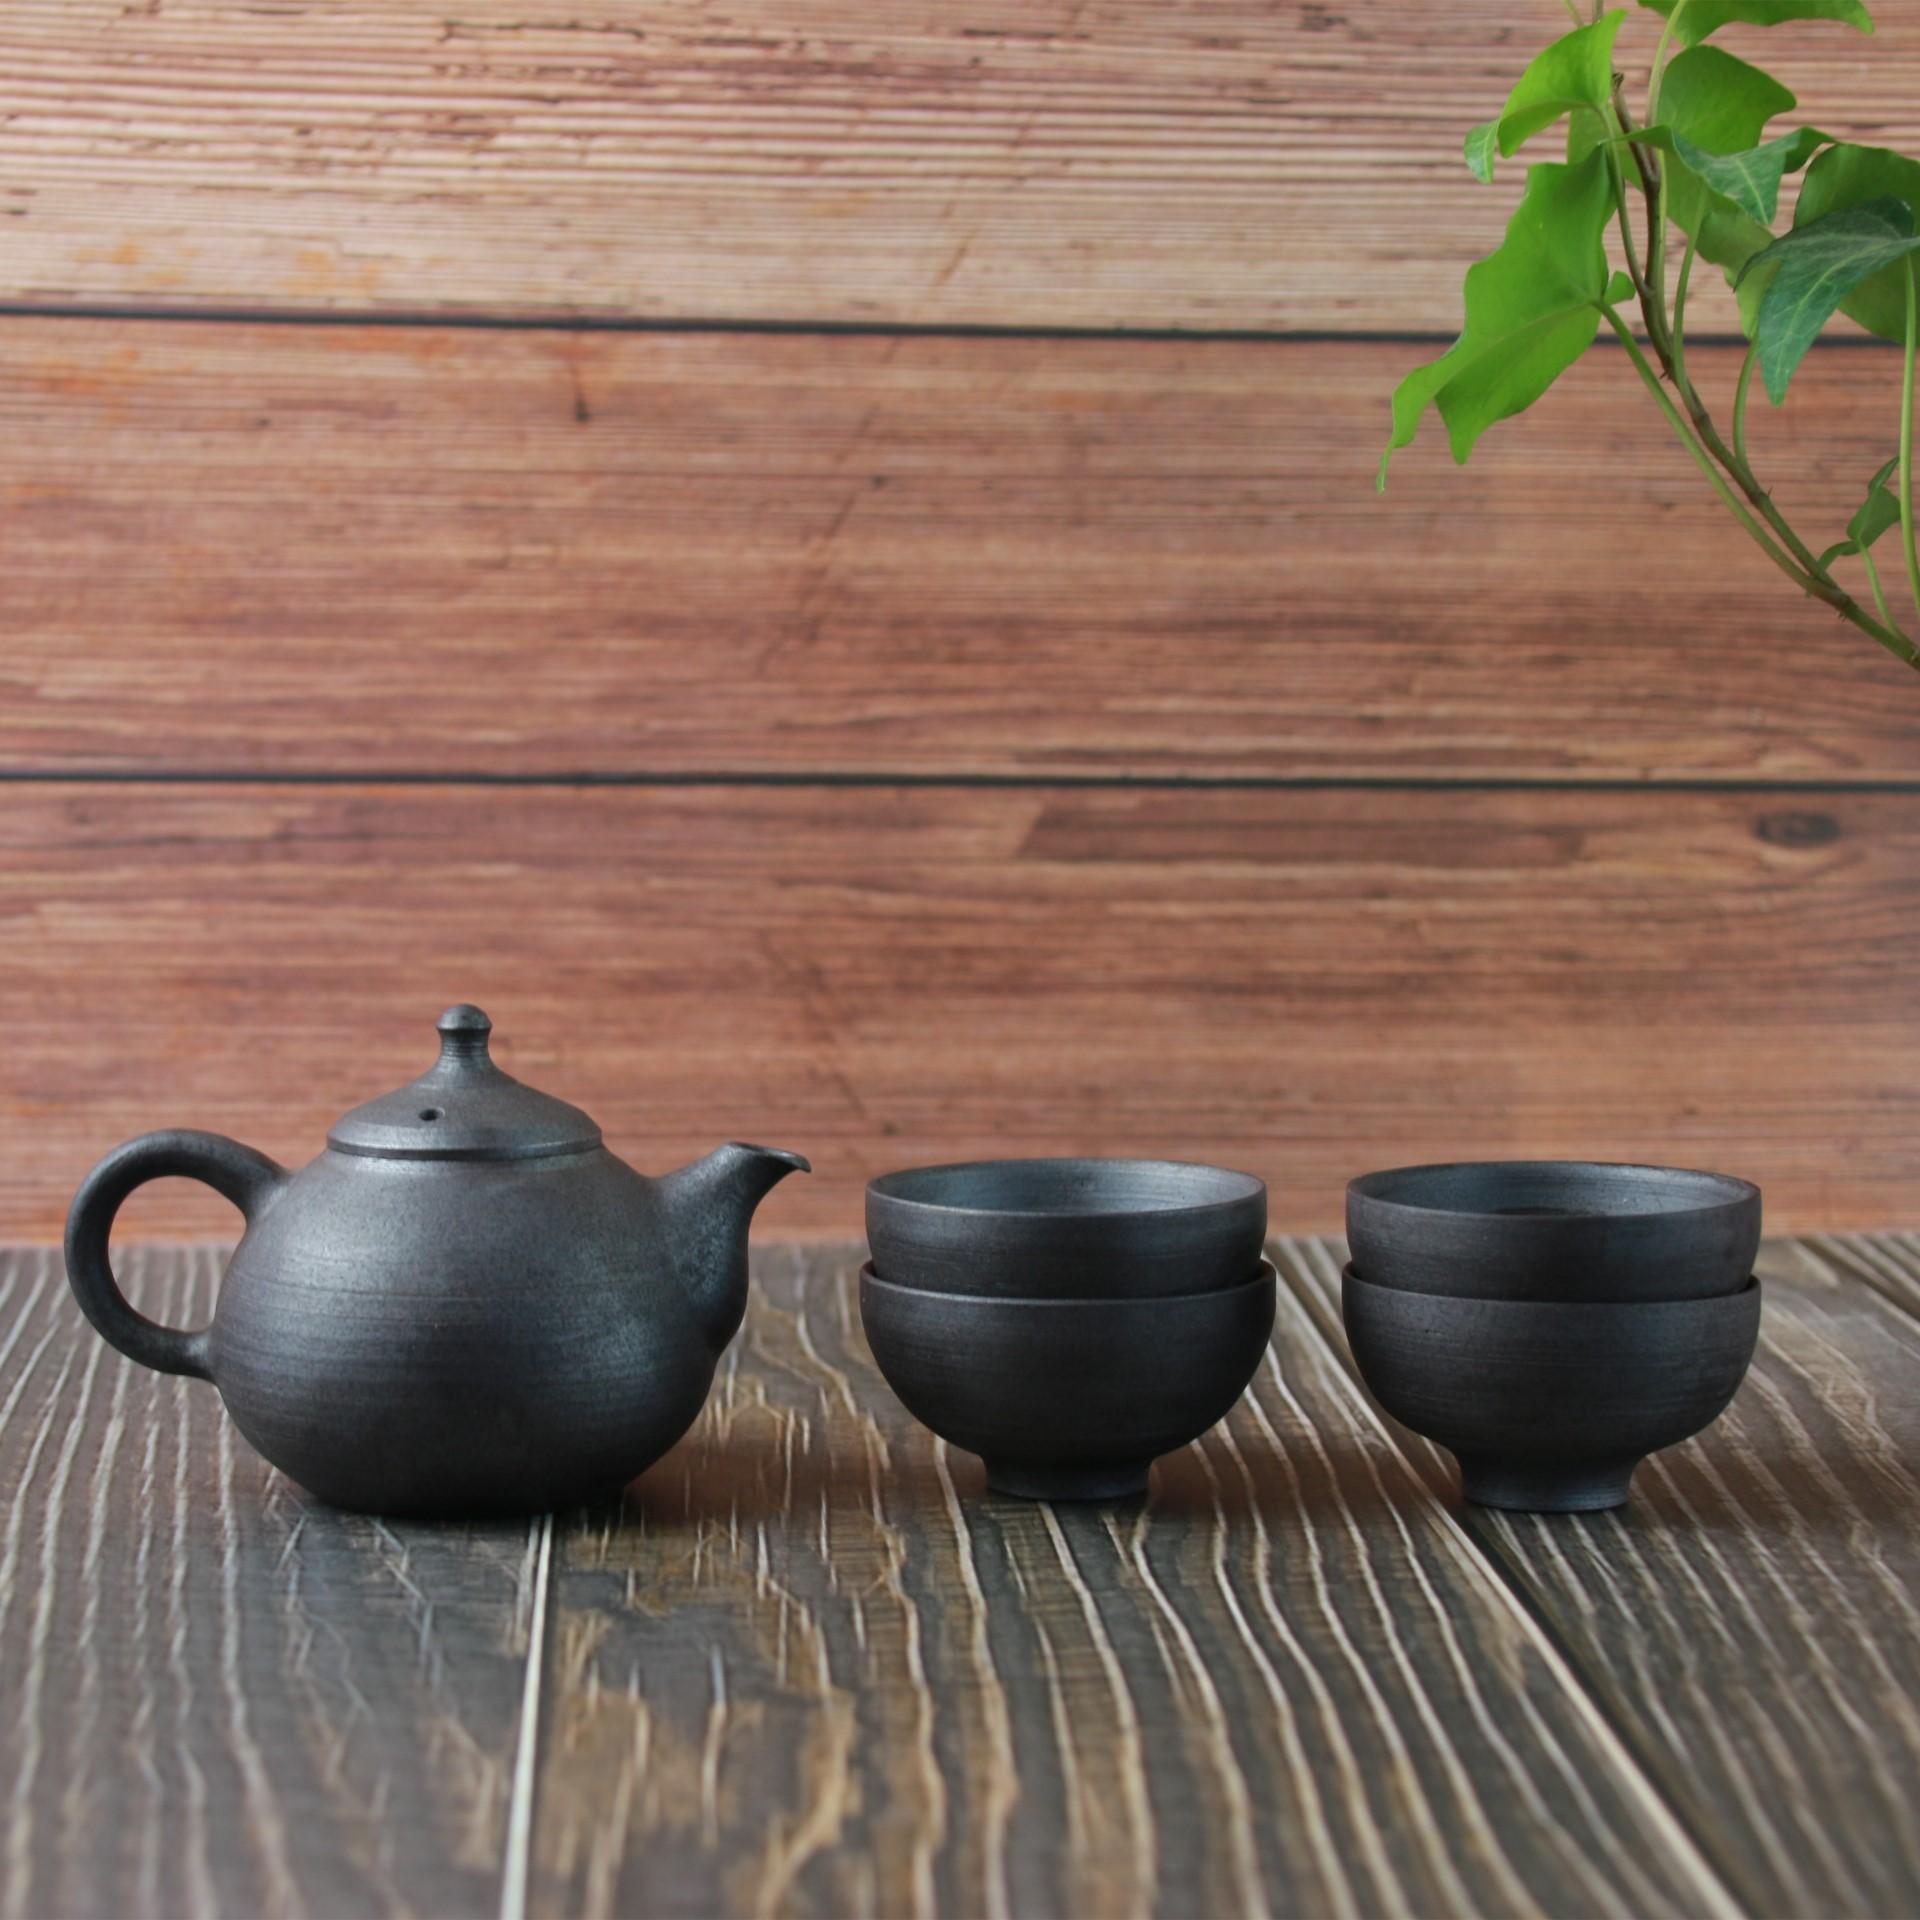 【皿川系列】陶艺家戴朝阳 全手工制作 茶壶茶杯 一壶四杯套装 人文茶器